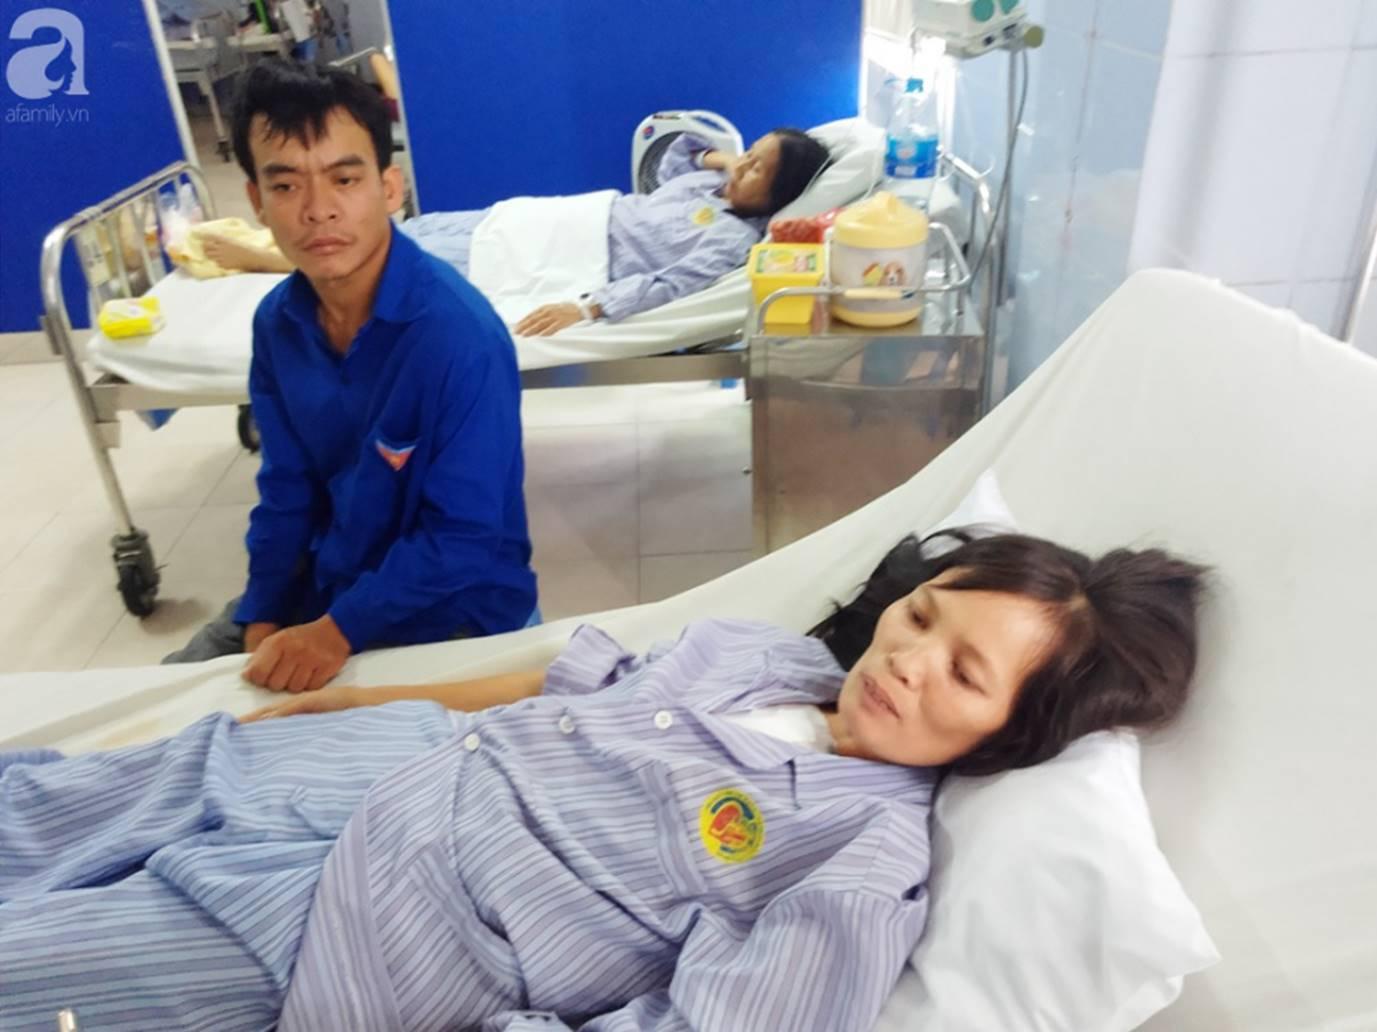 Nam Định: Chàng trai trẻ tàn tật khóc tuyệt vọng khi vợ hơn gNam Định: Chàng trai trẻ tàn tật khóc tuyệt vọng khi vợ hơn gần 10 tuổi lên cơn đau tim mà không tiền chạy chữa-3